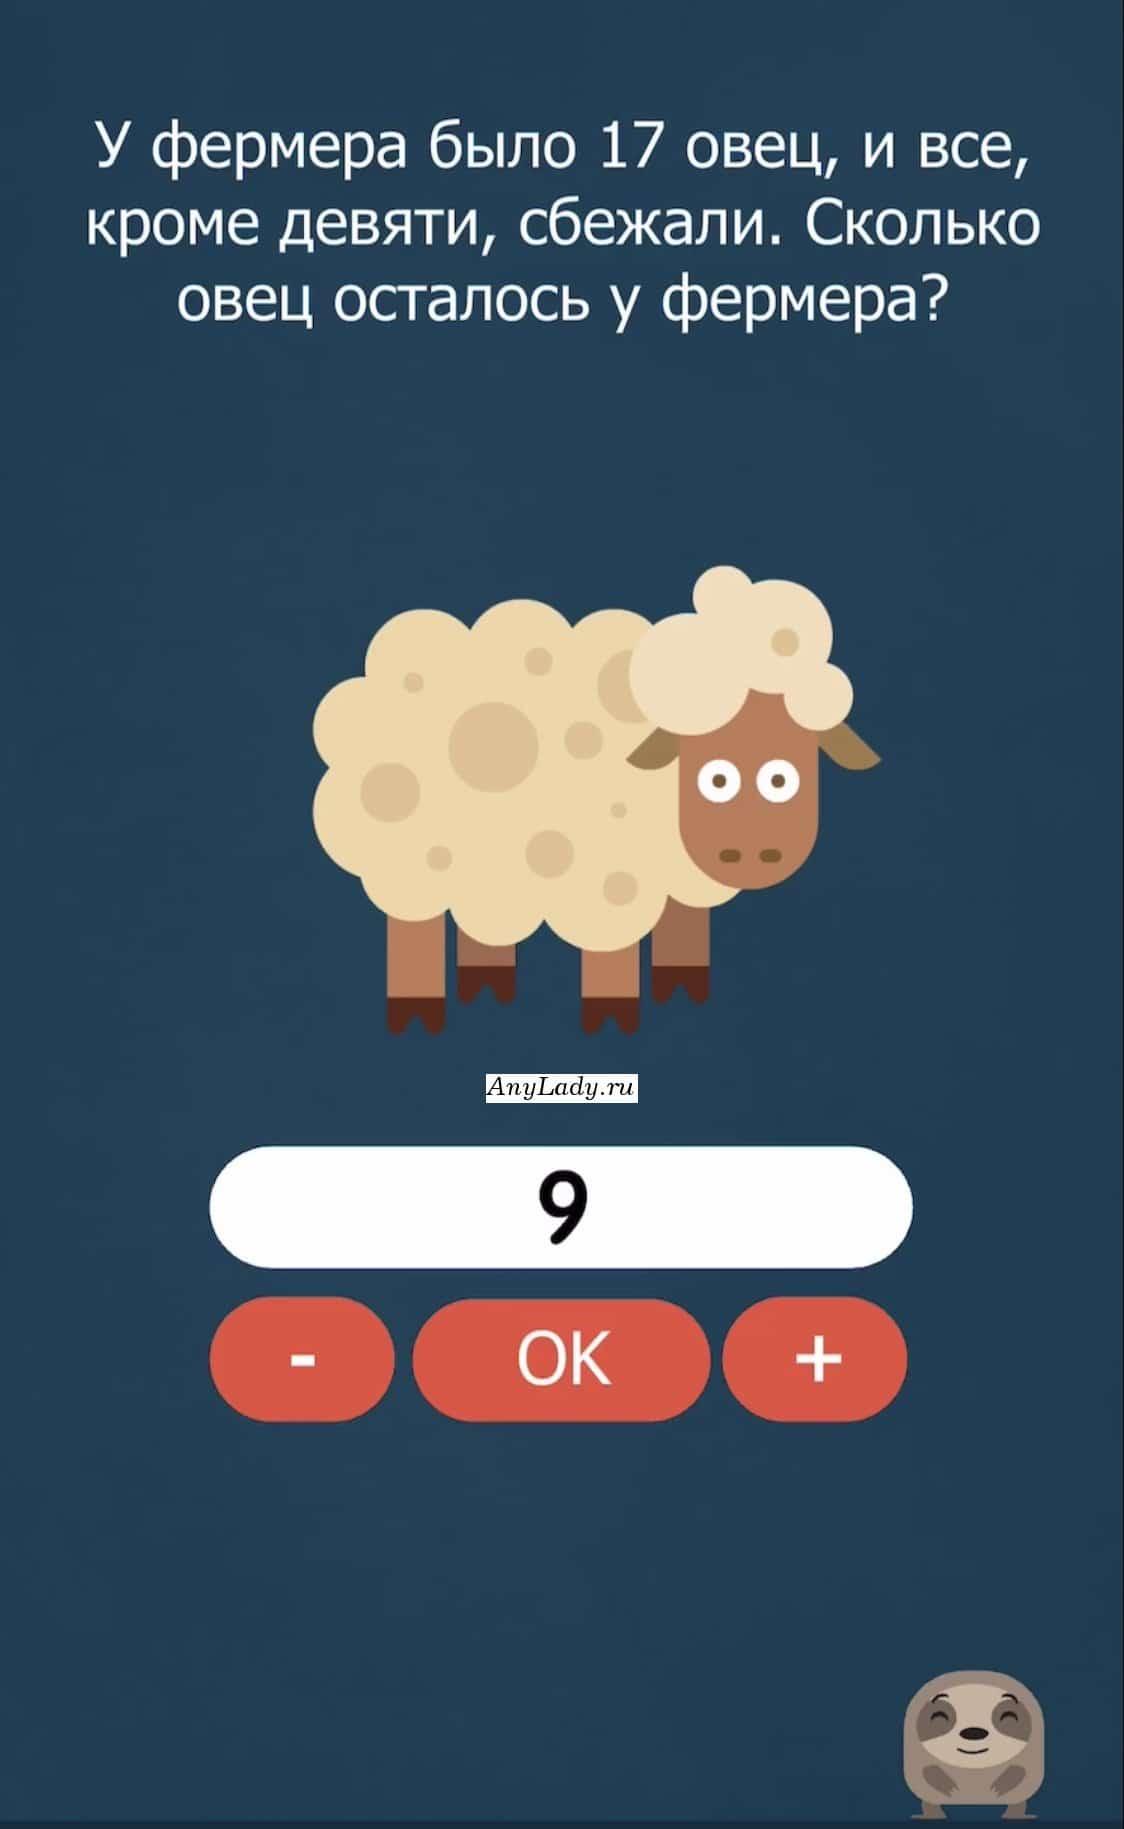 От фермера сбежали все овцы, кроме девяти.   Соответственно девять овец, верный вариант ответа.